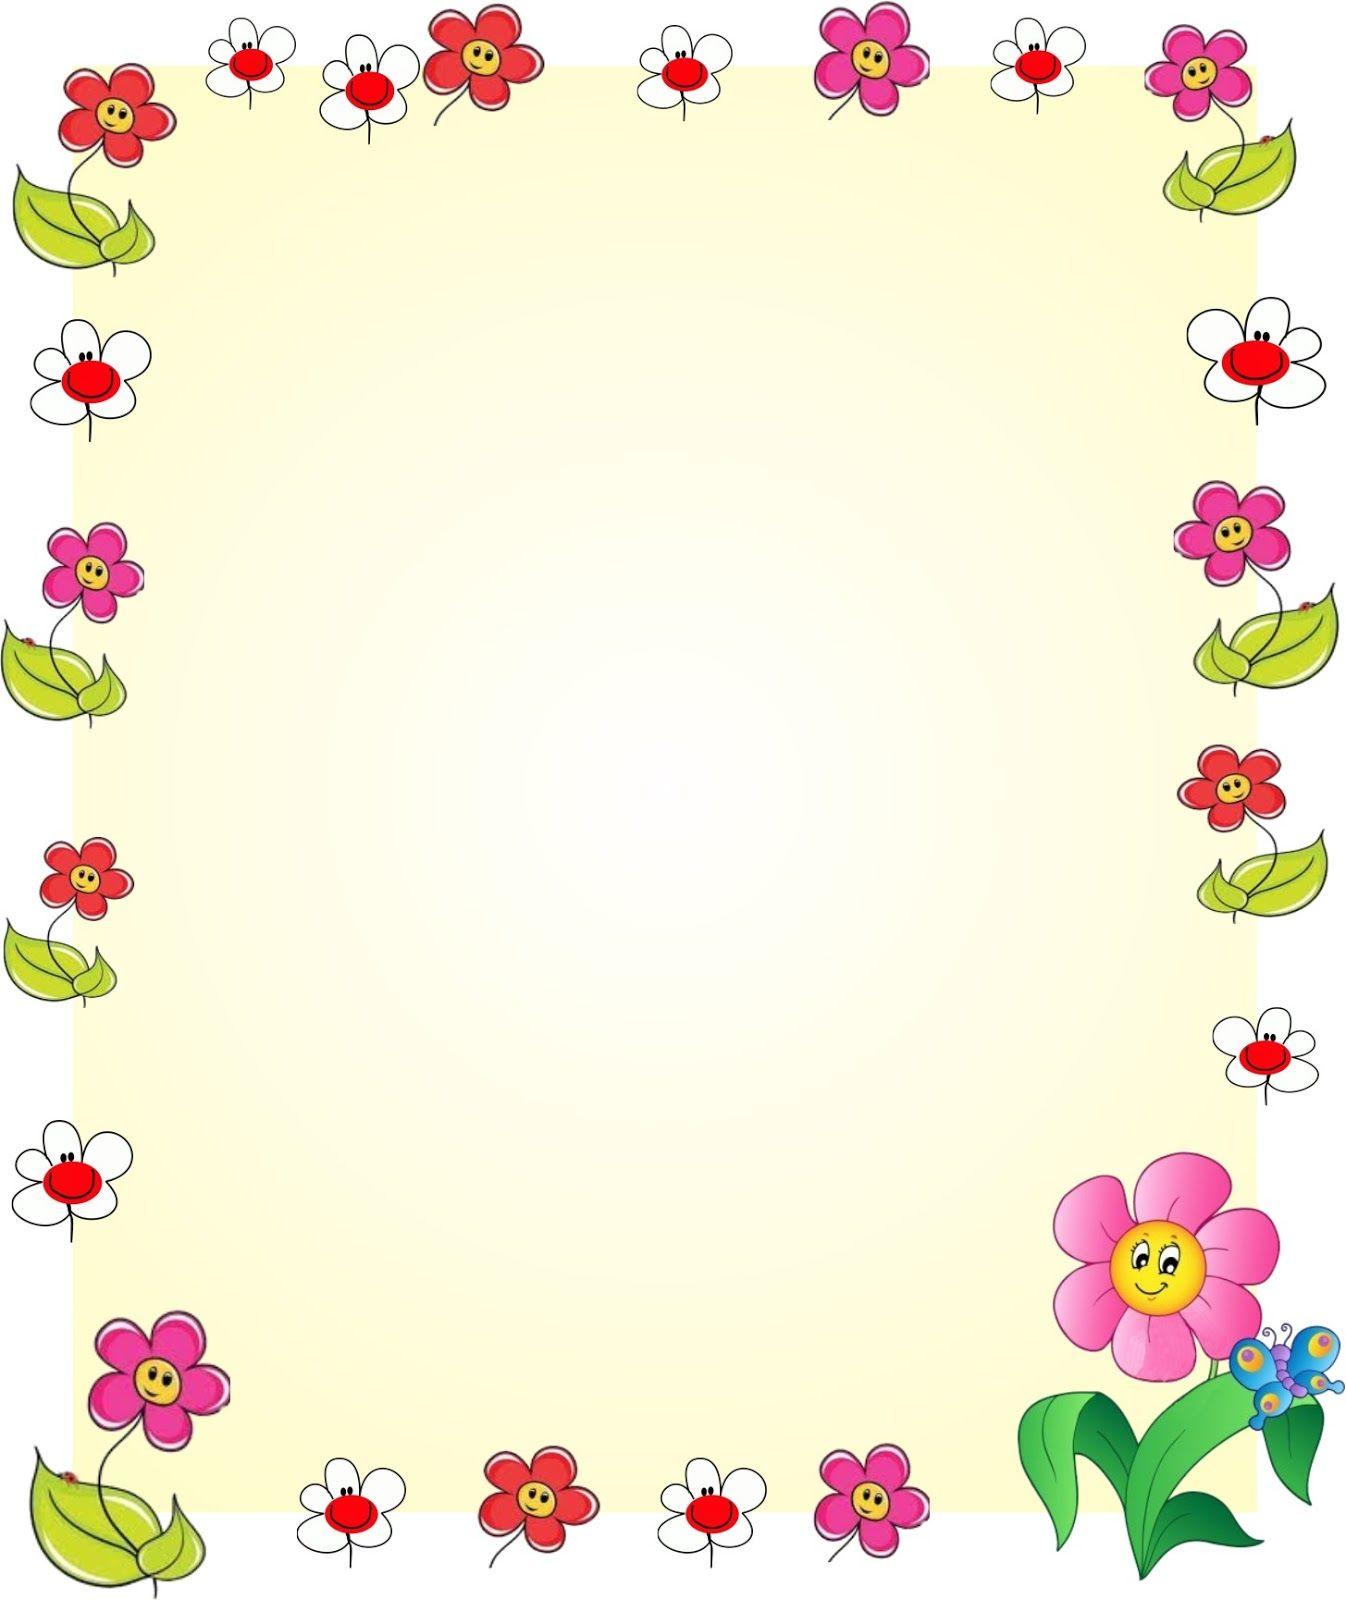 imagenes portadas cuadernos - Buscar con Google | 5455566 ...